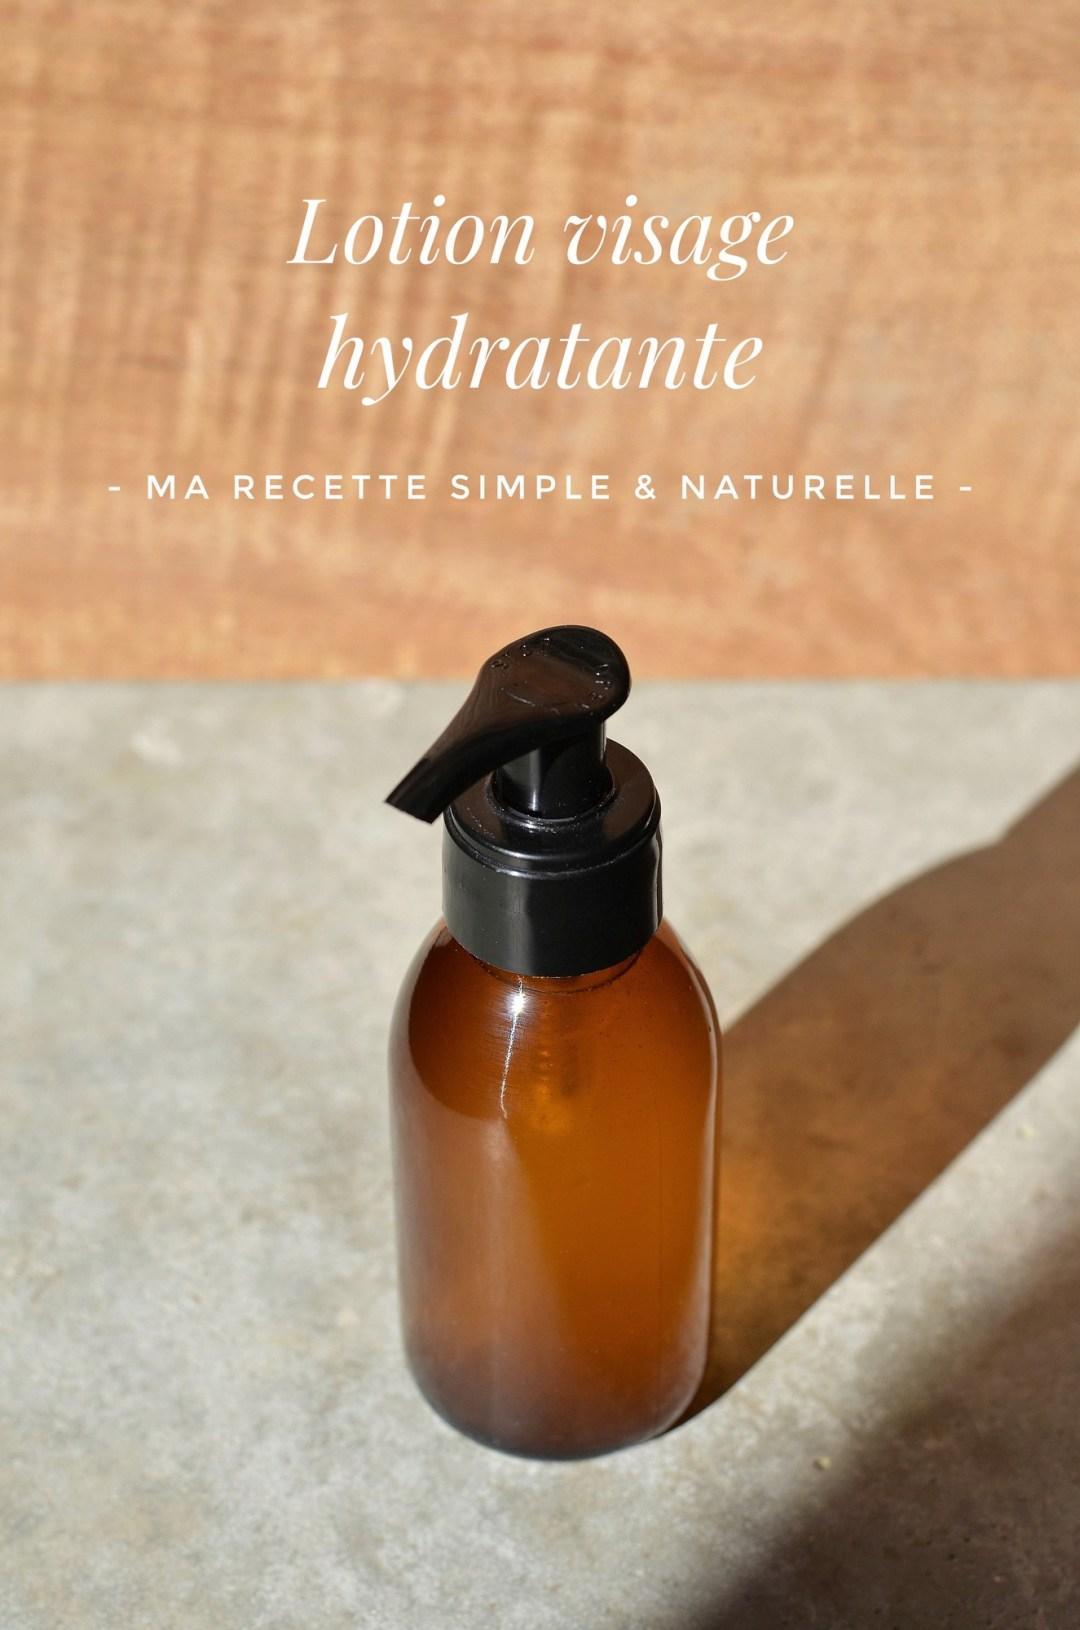 lotion visage hydratante - ma recette simple et naturelle